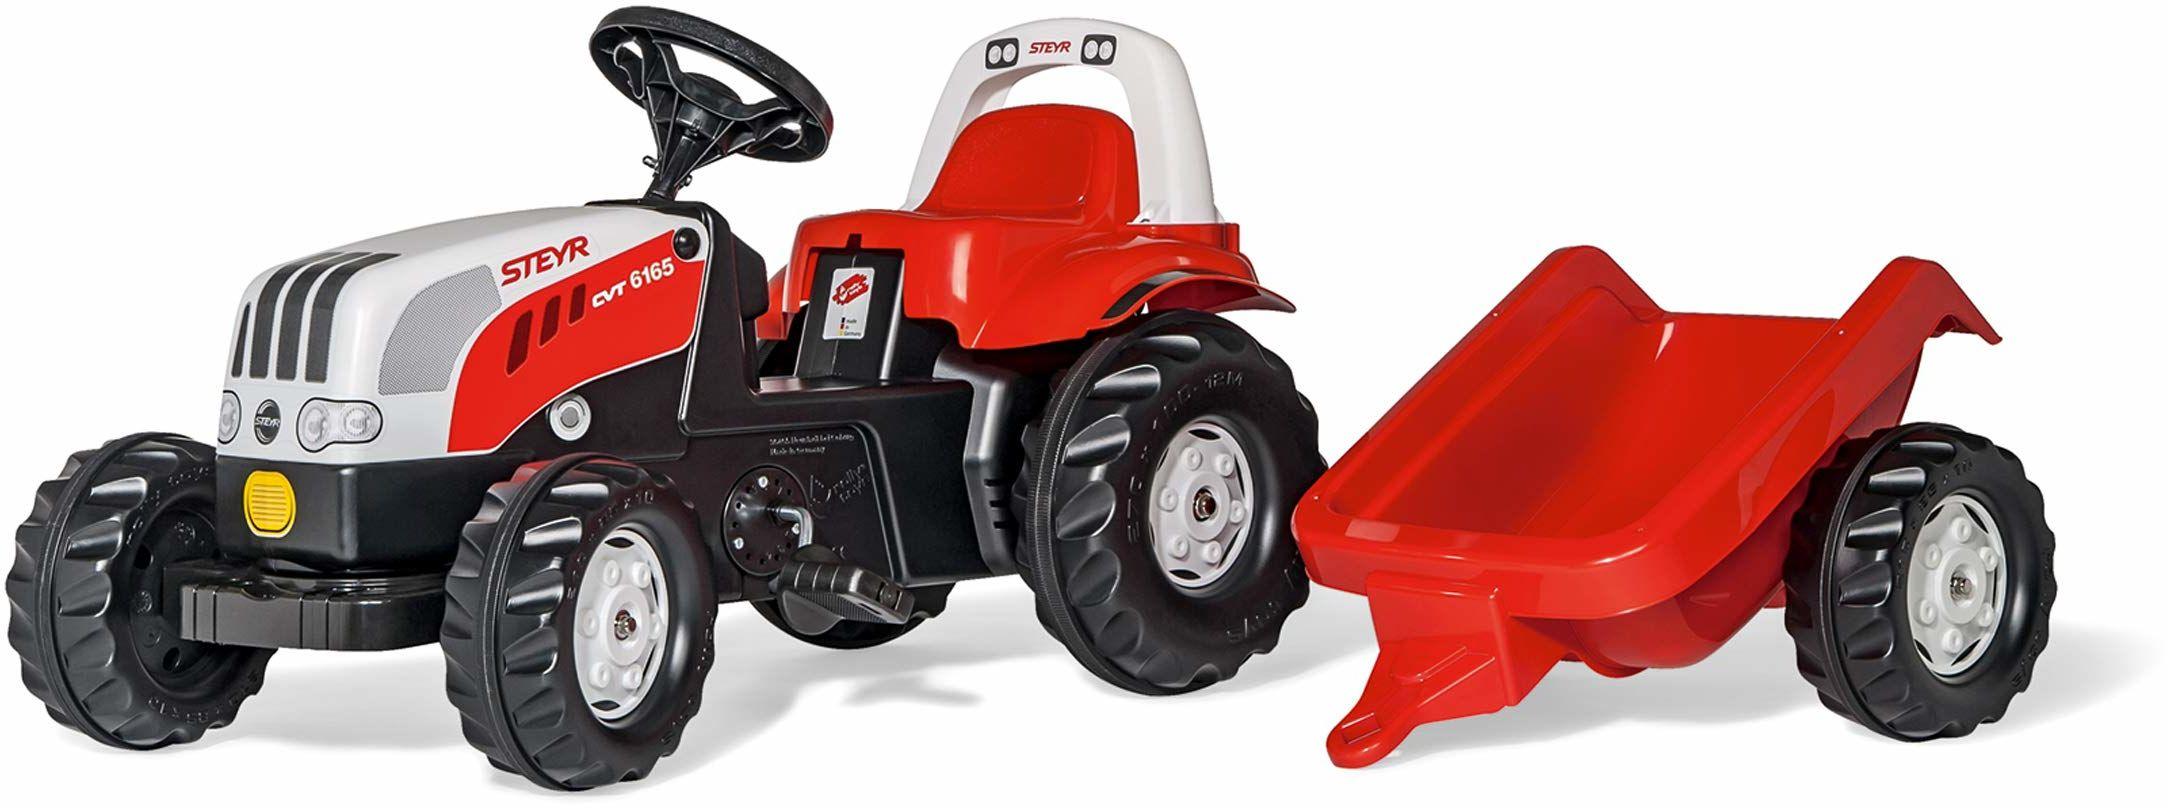 Rolly Toys 012510 - RollyKid Steyr 6165 CVT traktor z pedałem, dla dzieci od 2,5 lat, cicha opona jezdna, pałąk do rolowania)